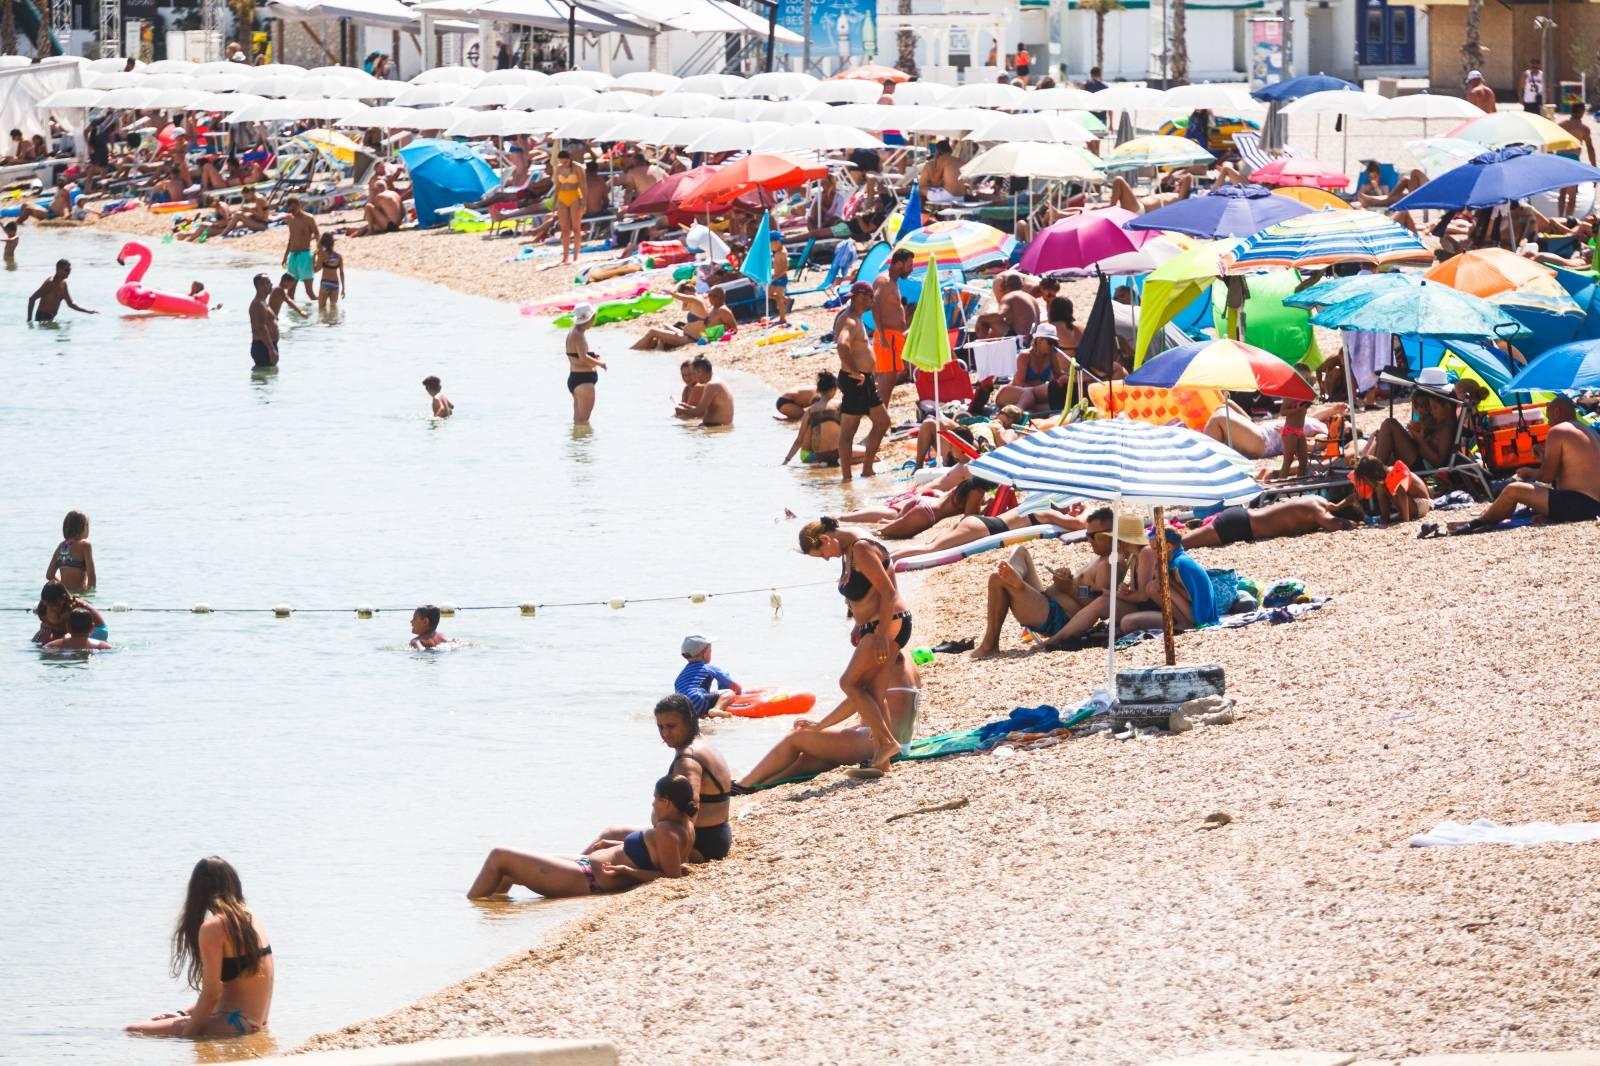 Plaža Zrće u srcu sezone